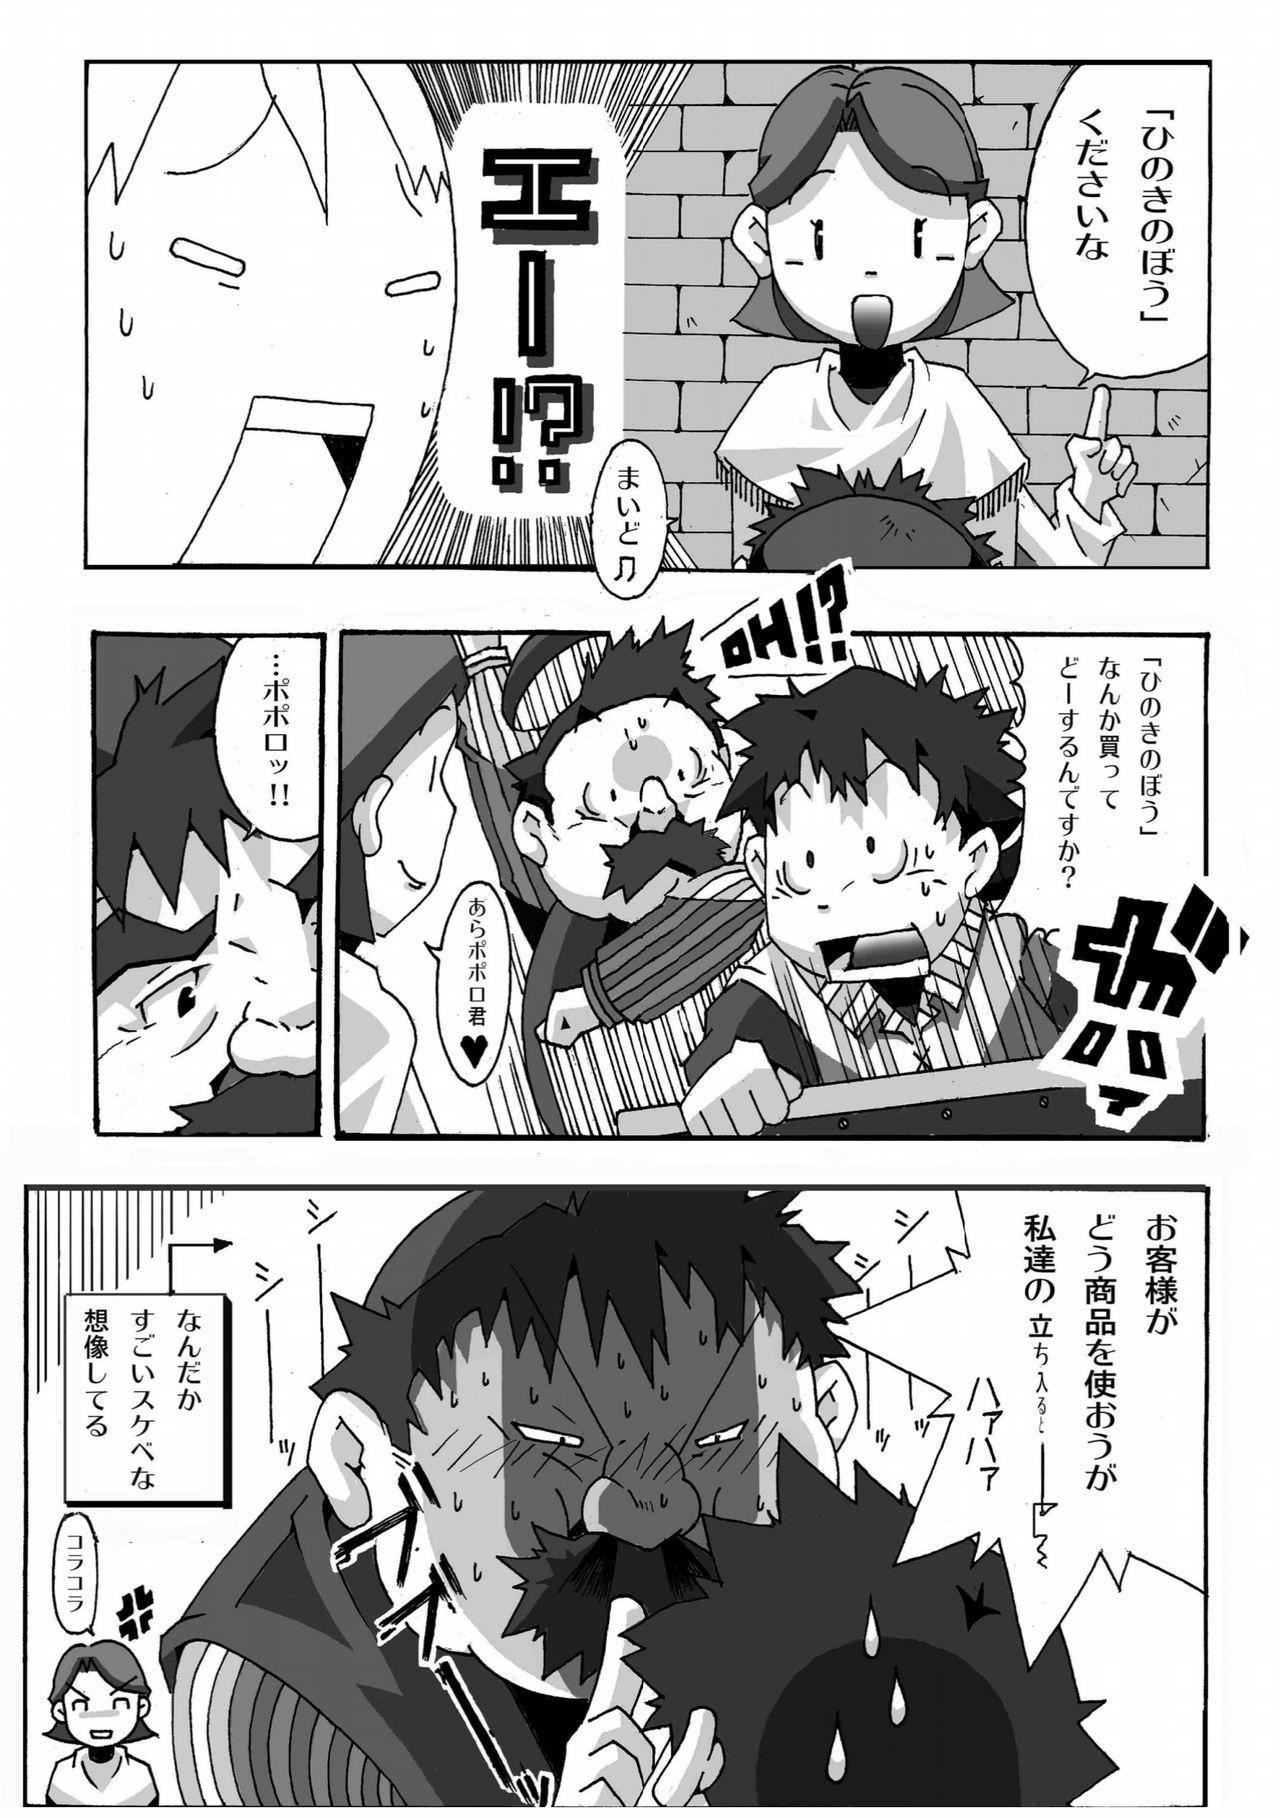 Torneko no Himitsu 6